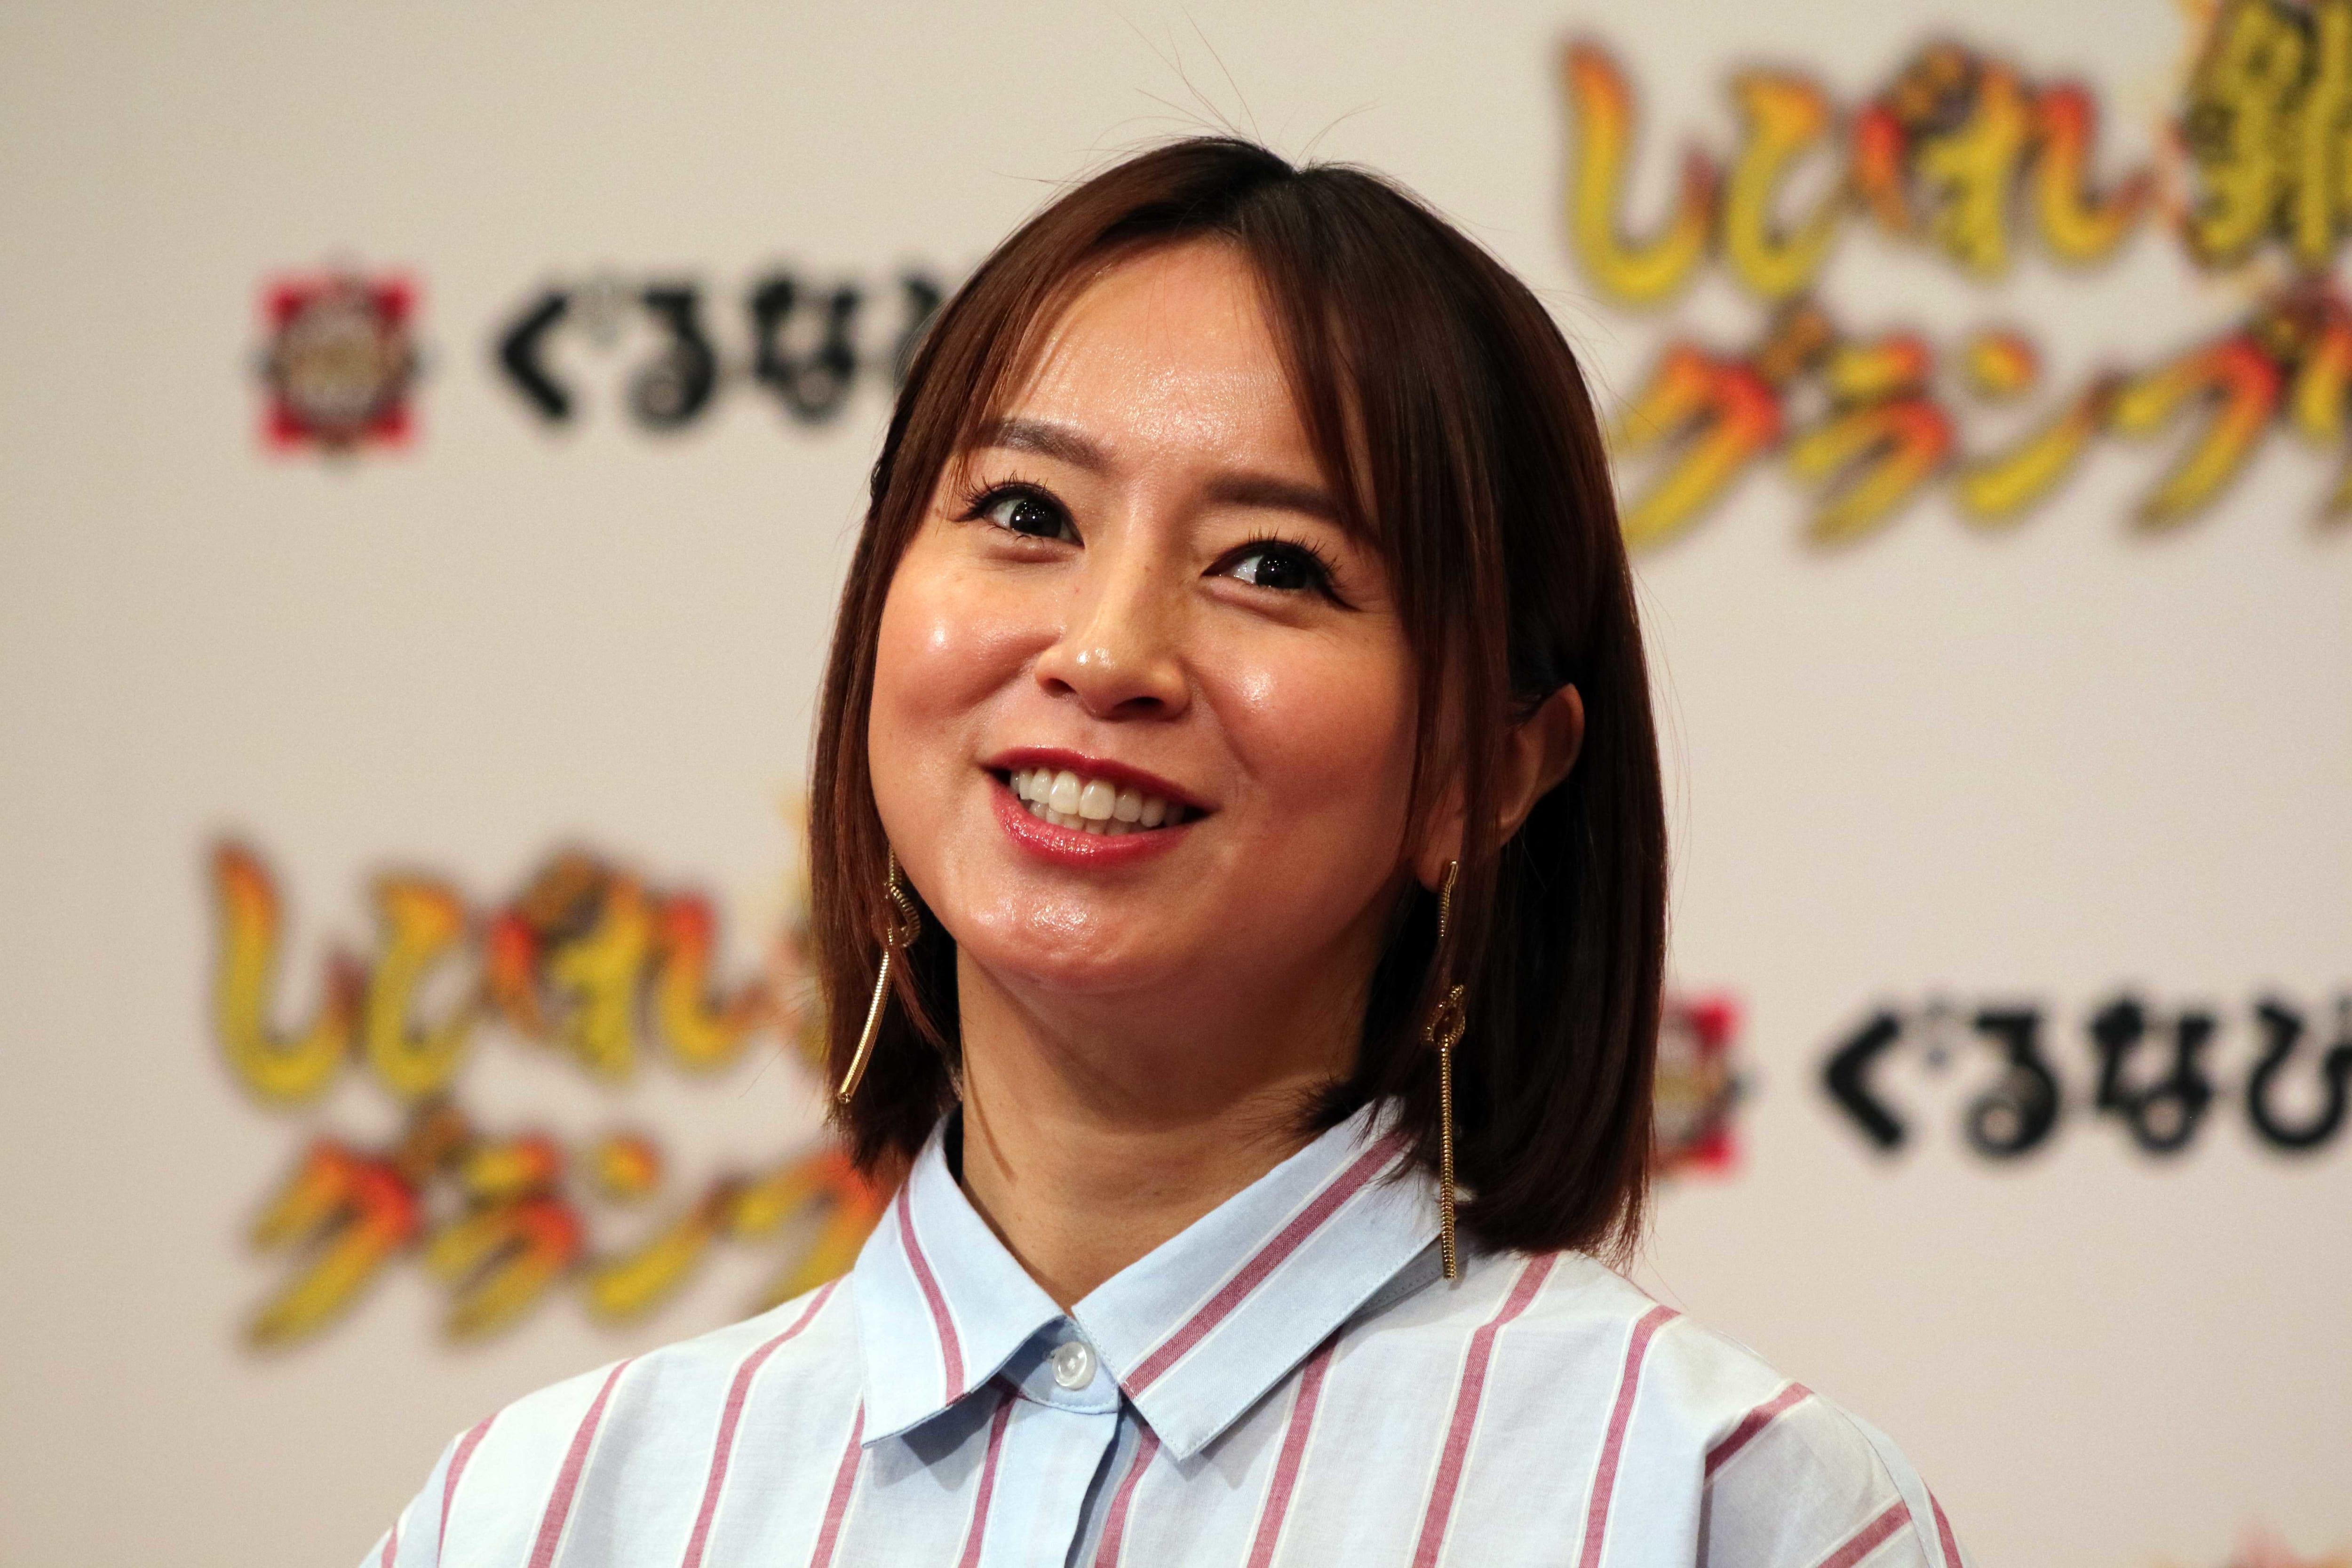 鈴木亜美がテレビ初のすっぴん顔を披露 デビュー当時を懐かしむ声も